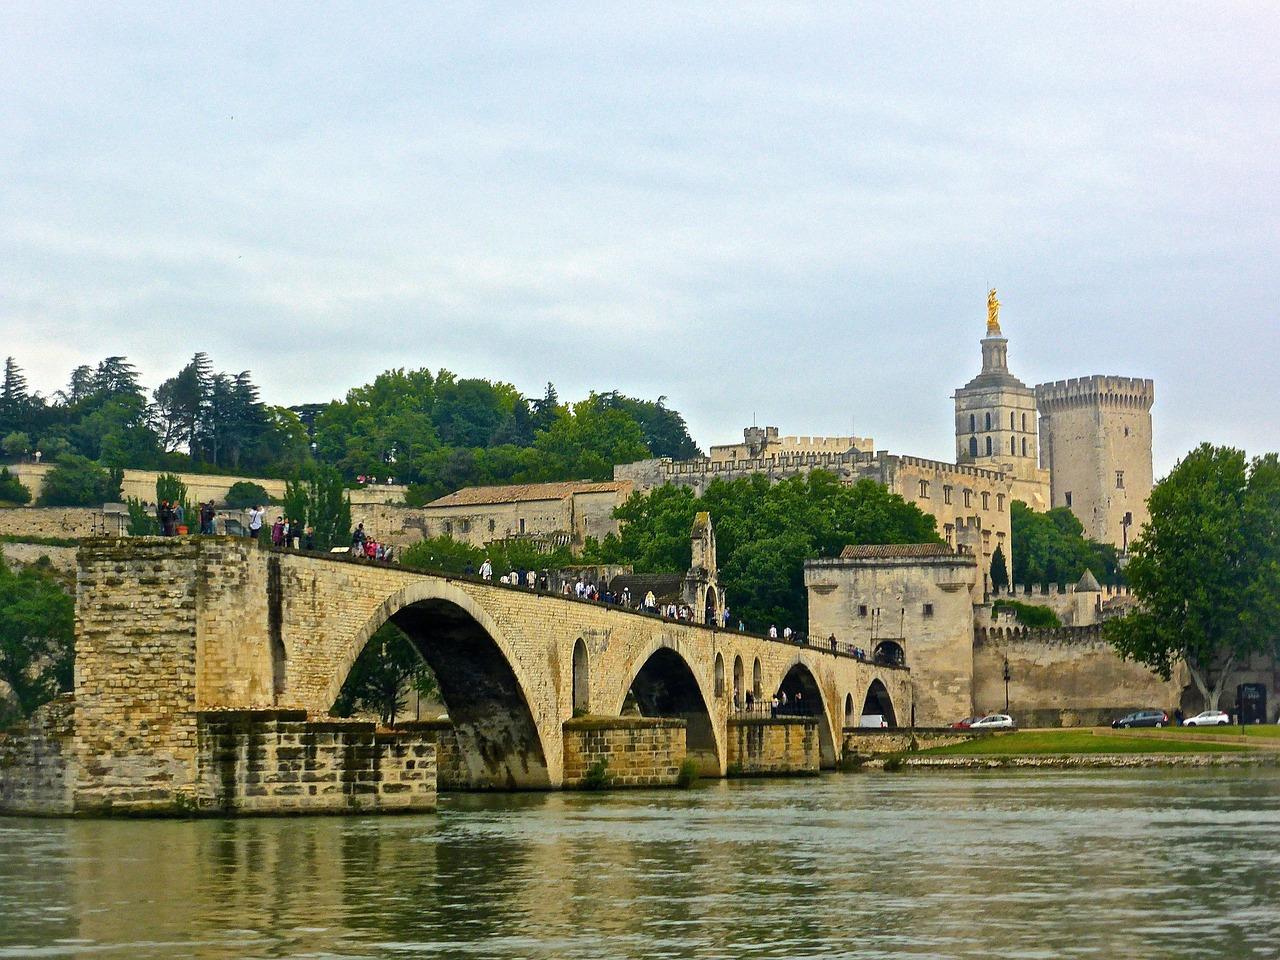 pont-avignon-996991_1280.jpg